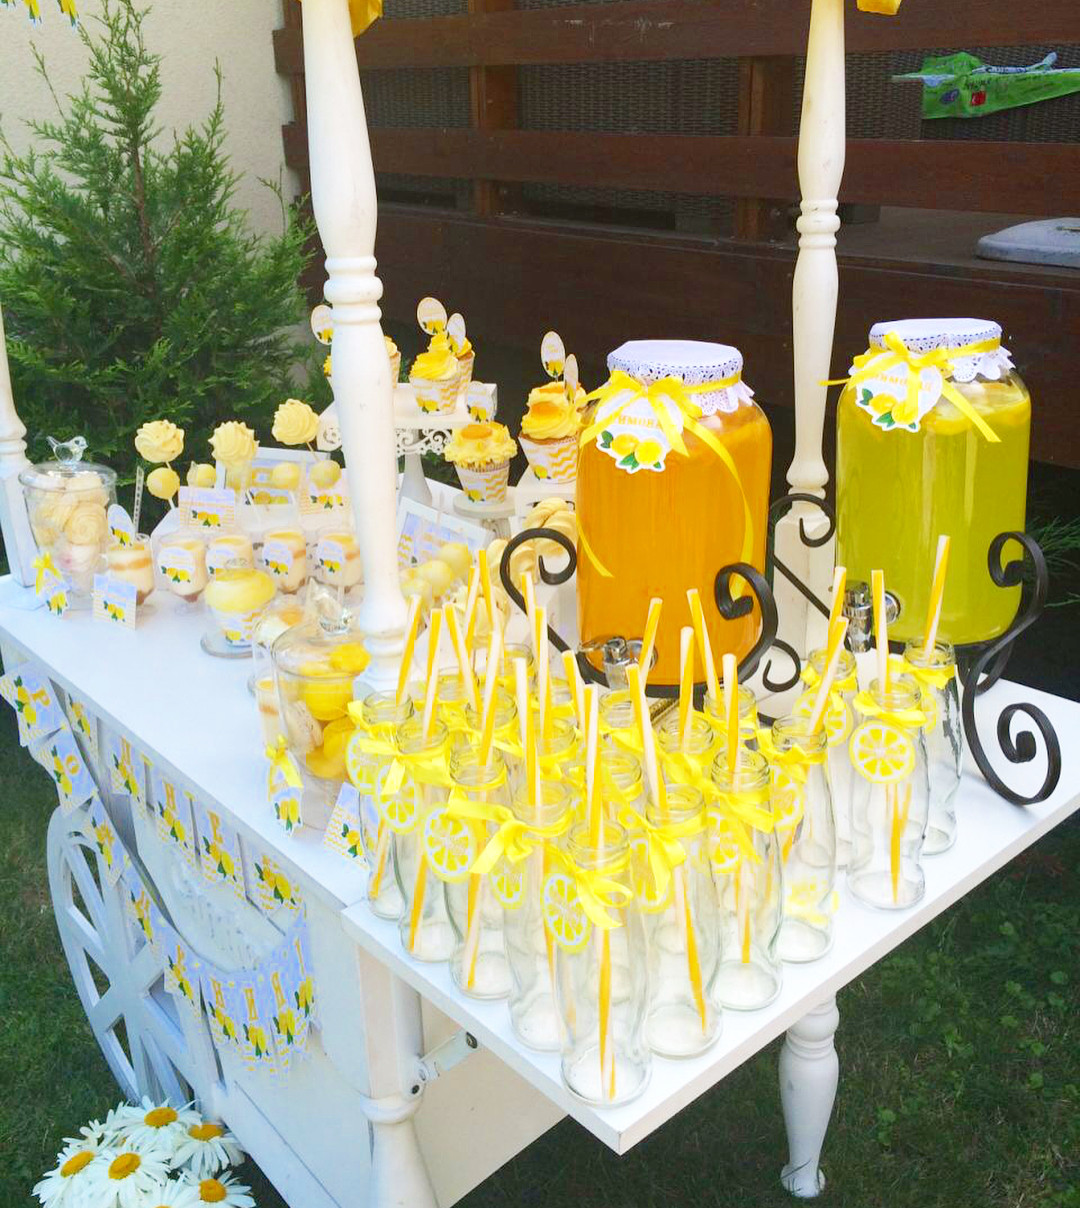 Лимонно-апельсиновый Кенди-бар на тележке (ЛЕТНЯЯ ТЕМА)